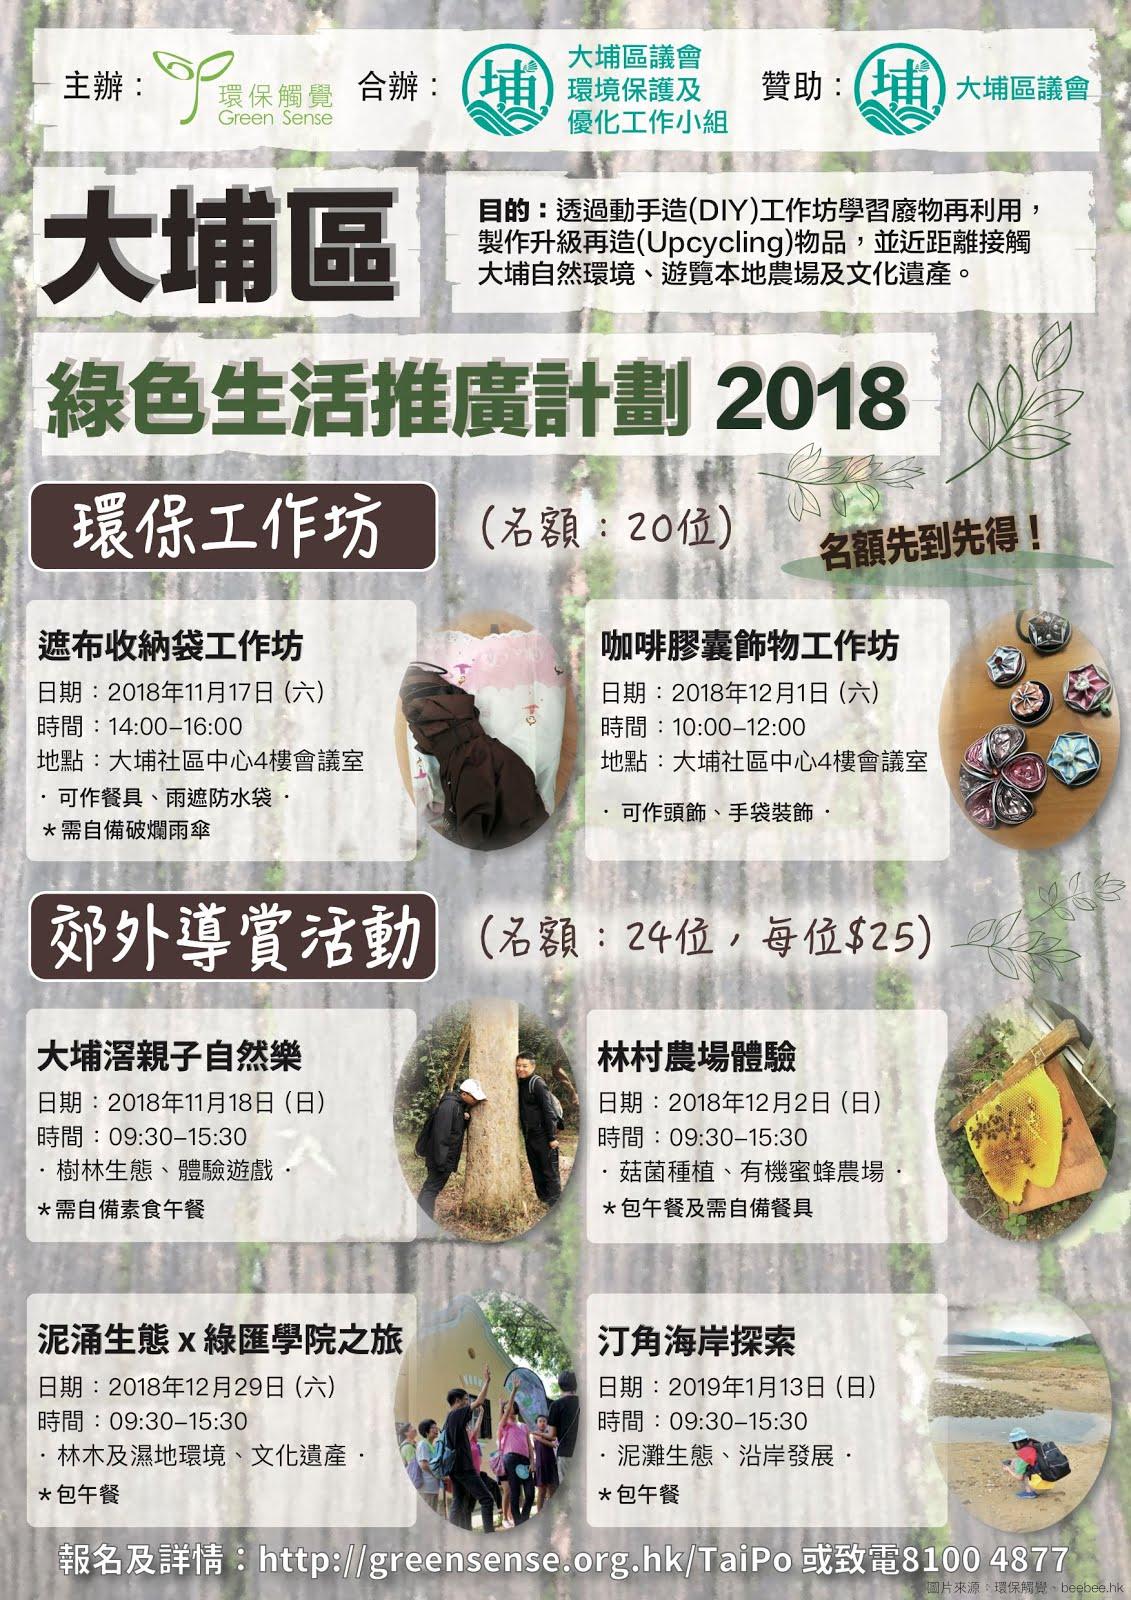 過往活動:大埔區綠色生活推廣計劃2018